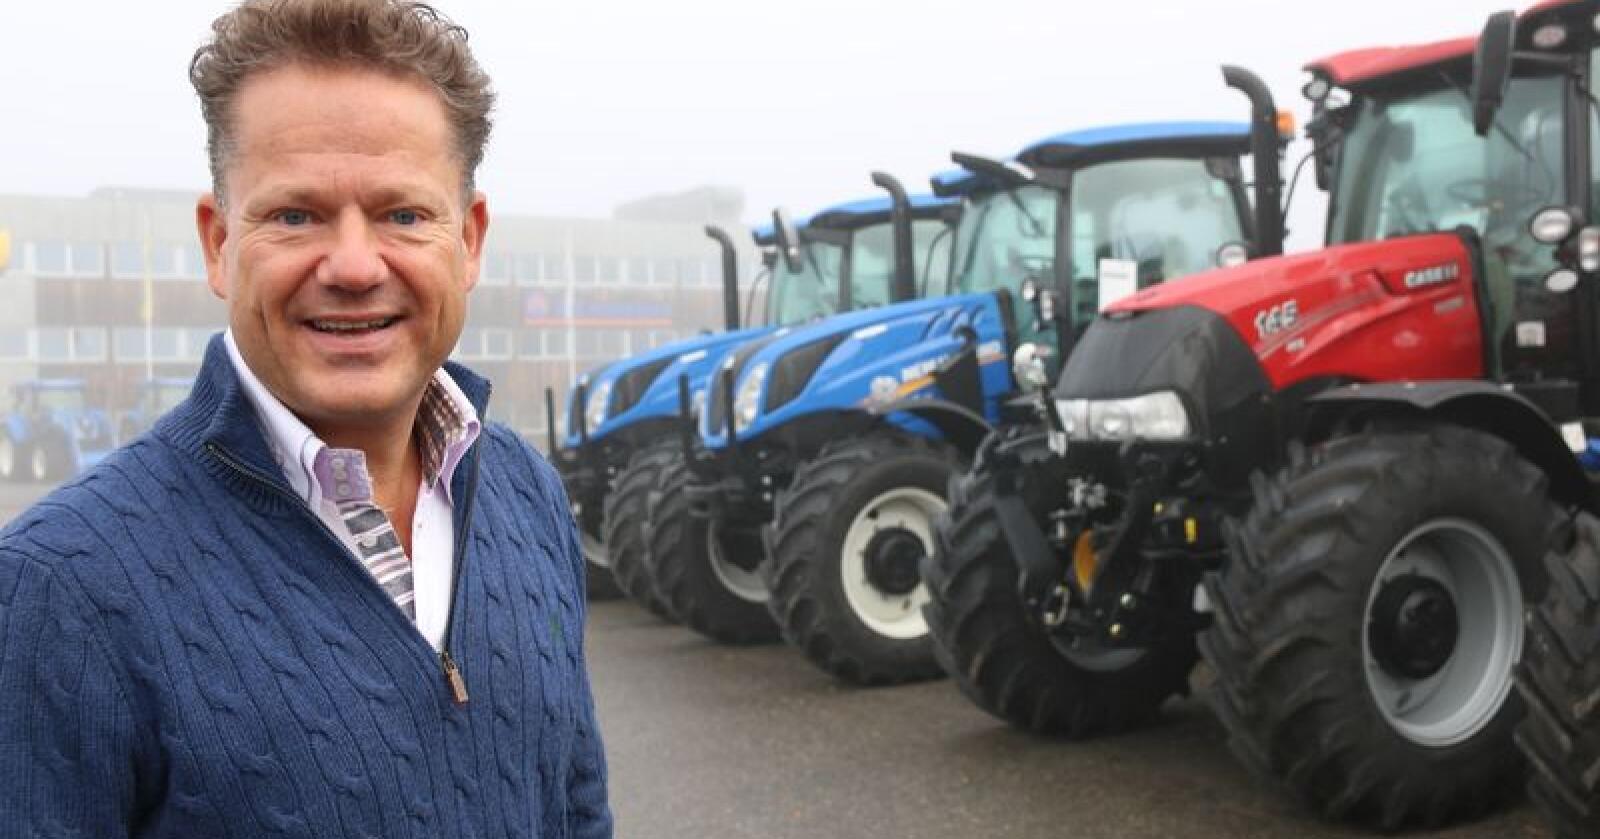 Administrerende direktør i A-K maskiner, Erik Grefberg forteller at traktorsalget blir første prioritet i 2020. Foto: Dag Idar Jøsang)